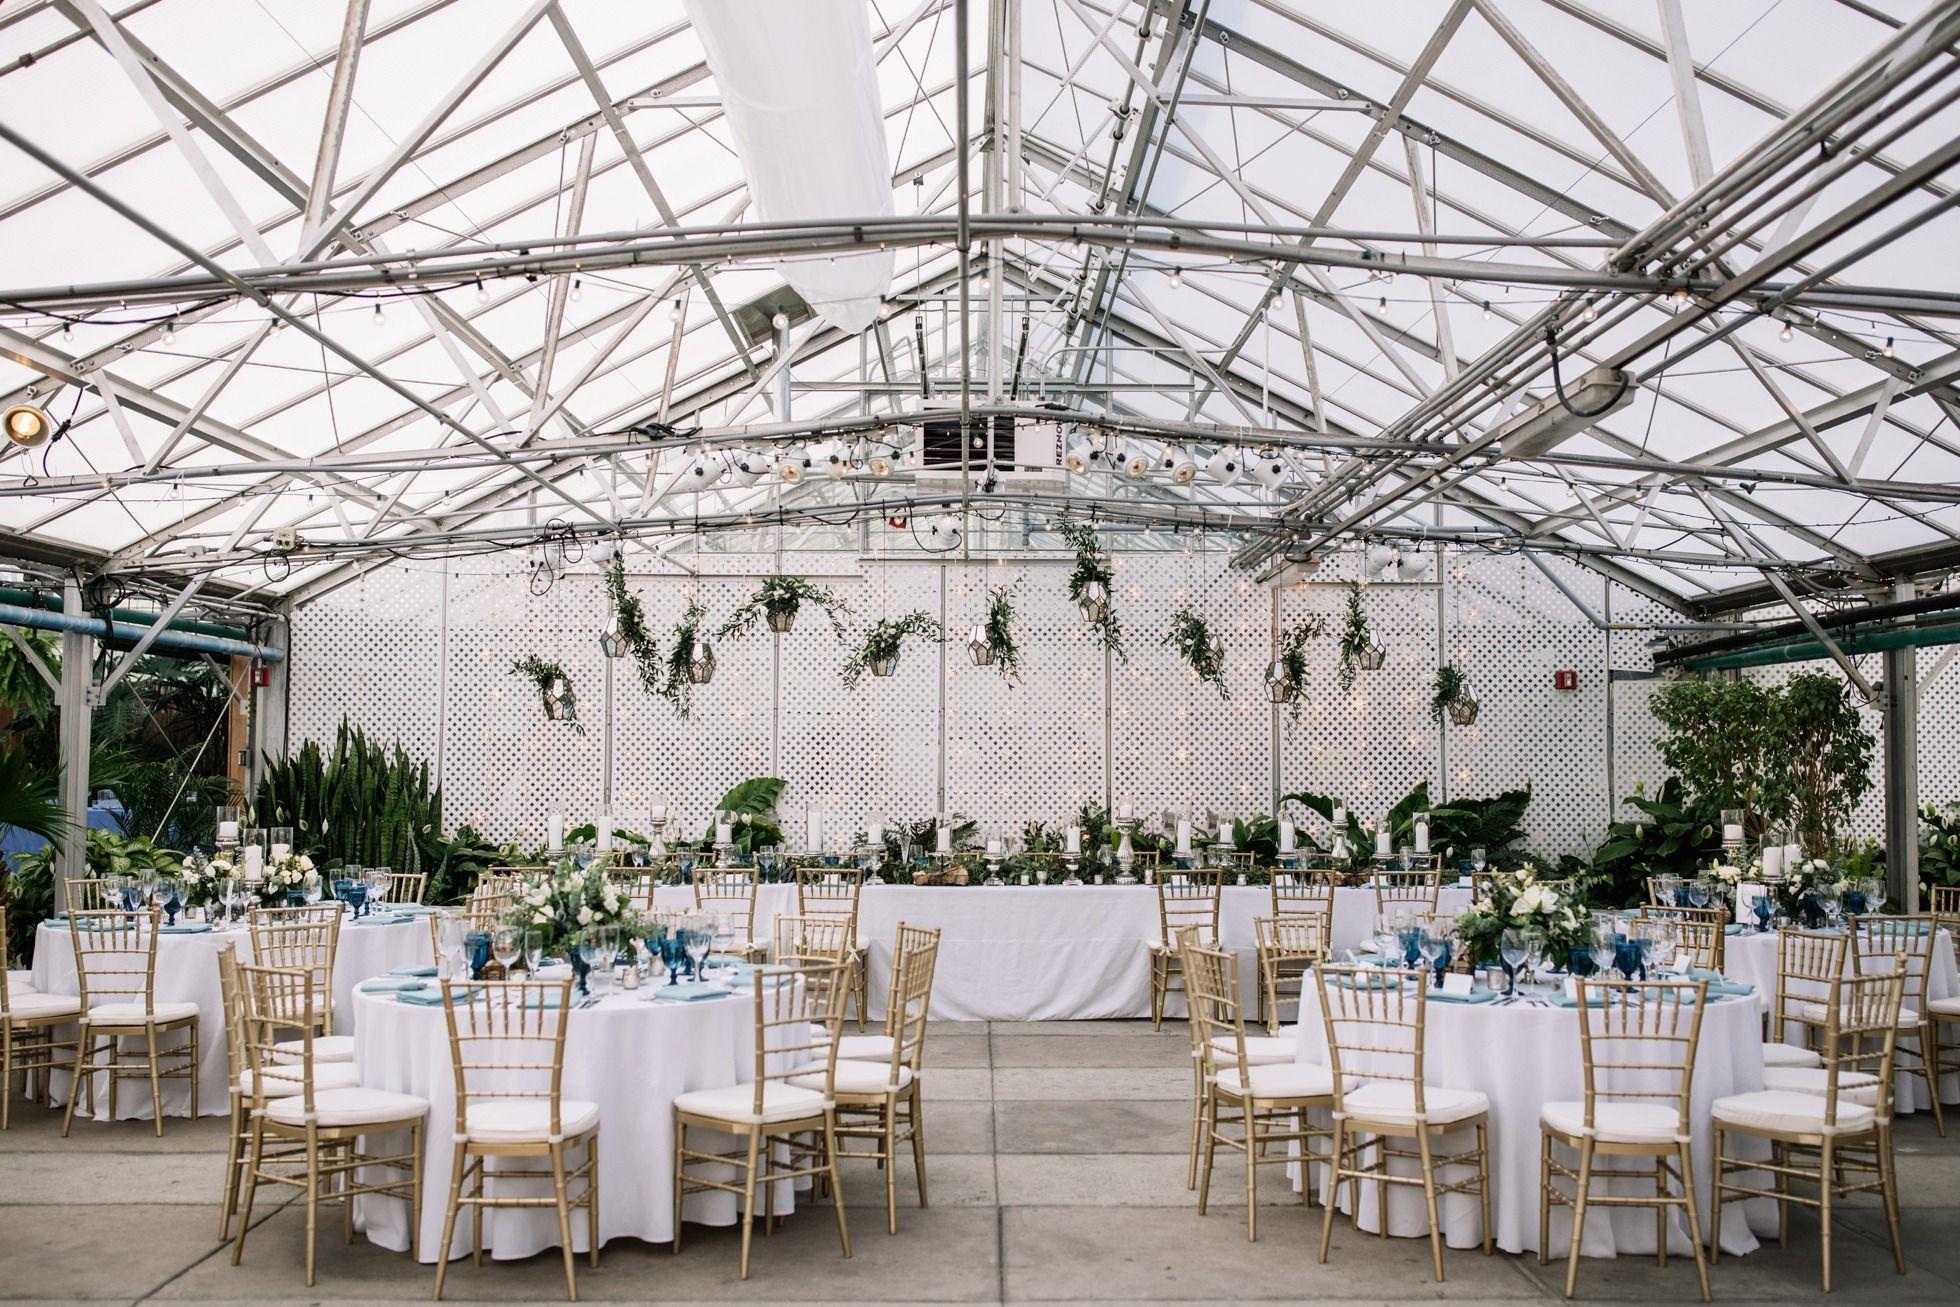 14 Unique Venues For A Philadelphia Wedding Philly In Love Philadelphia Wedding Venues Nj Wedding Venues Industrial Wedding Venues